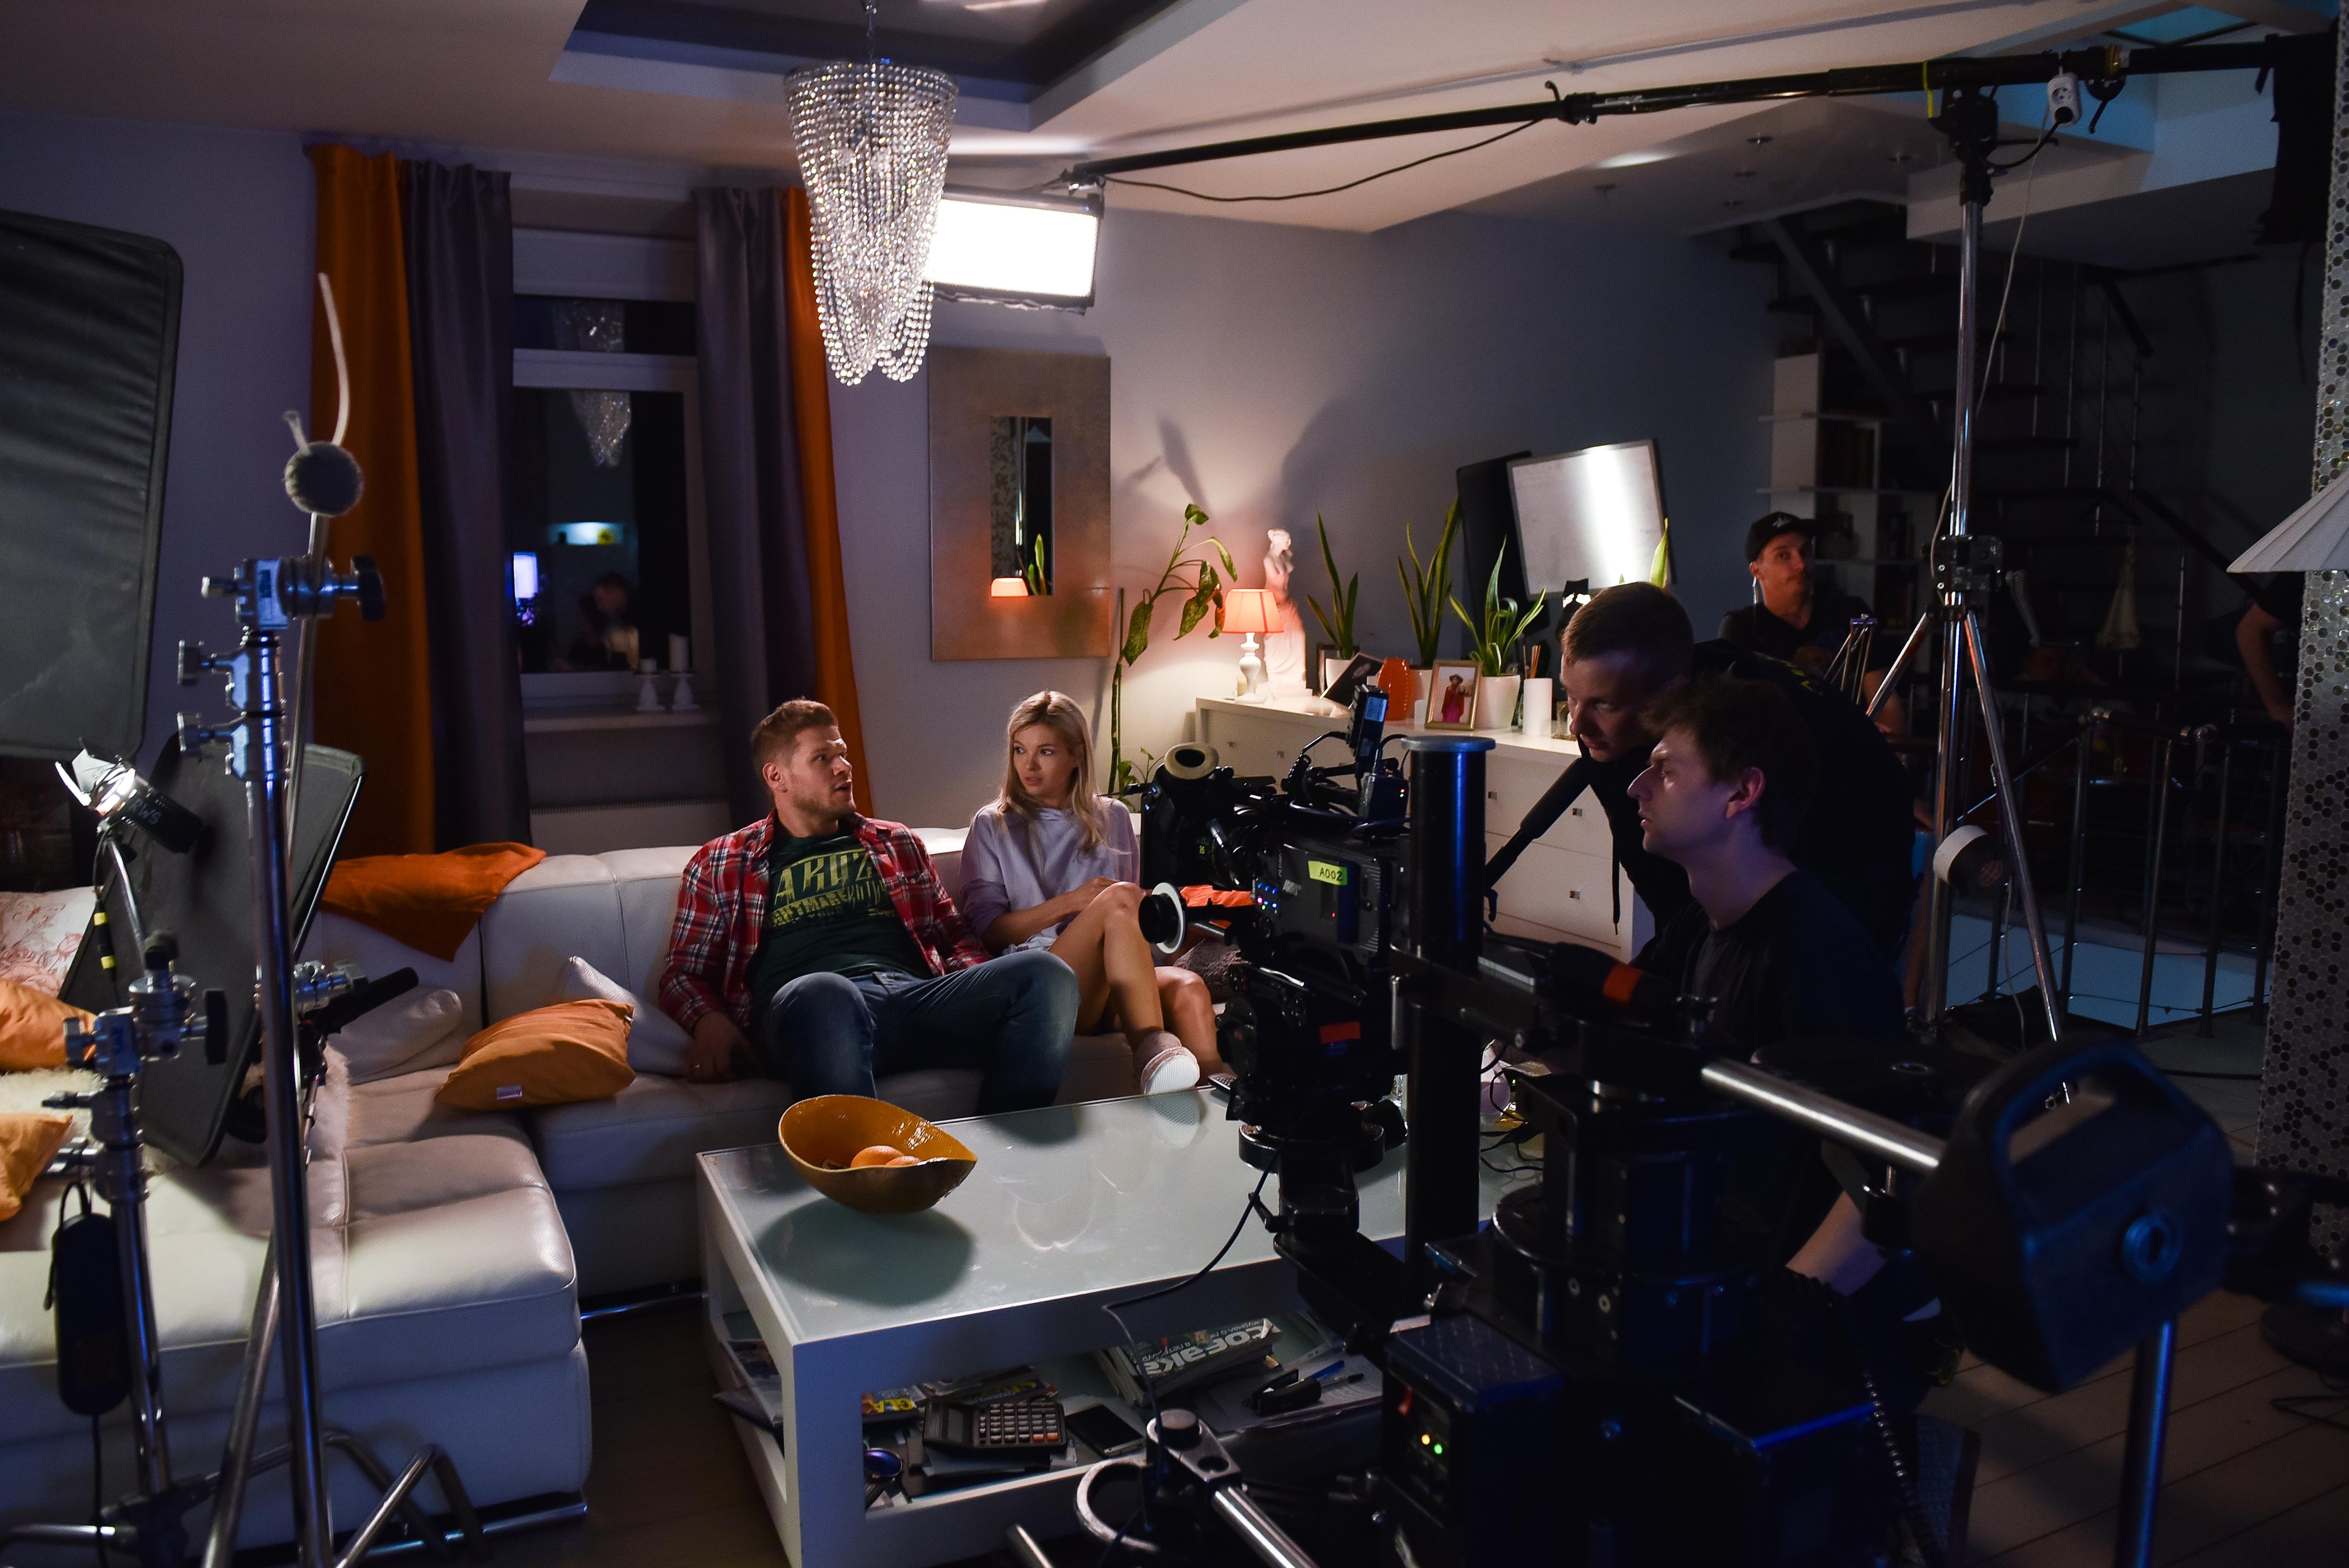 Рабочие моменты съемок, Рабочие моменты съемок промо-ролика программы 5 фотография